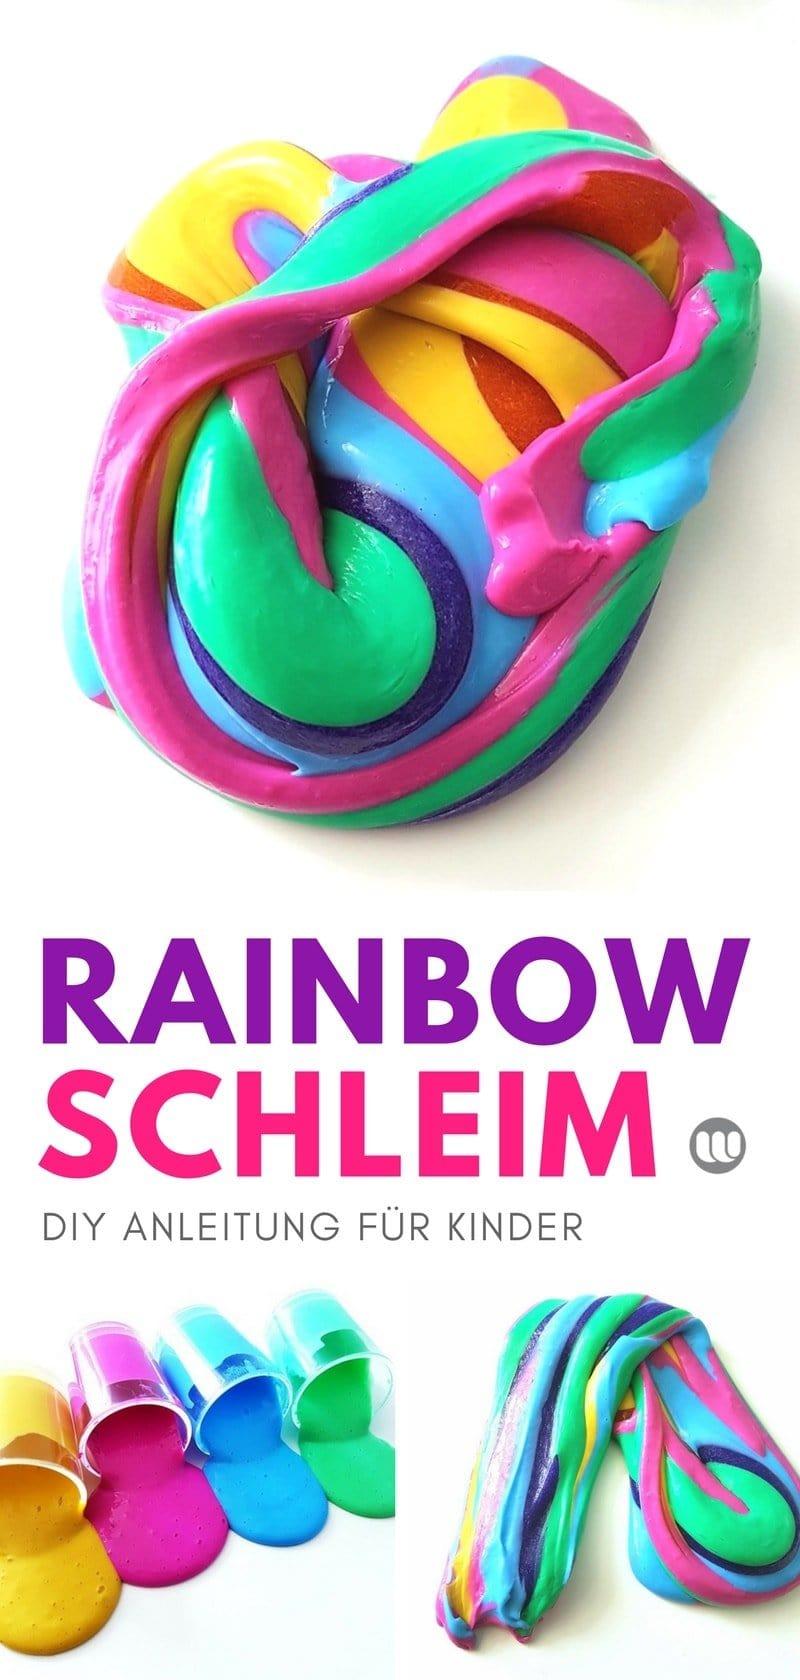 Slime selber machen: Rezept und Anleitung für Regenbogen- Slime für Kinder, Kleinkinder